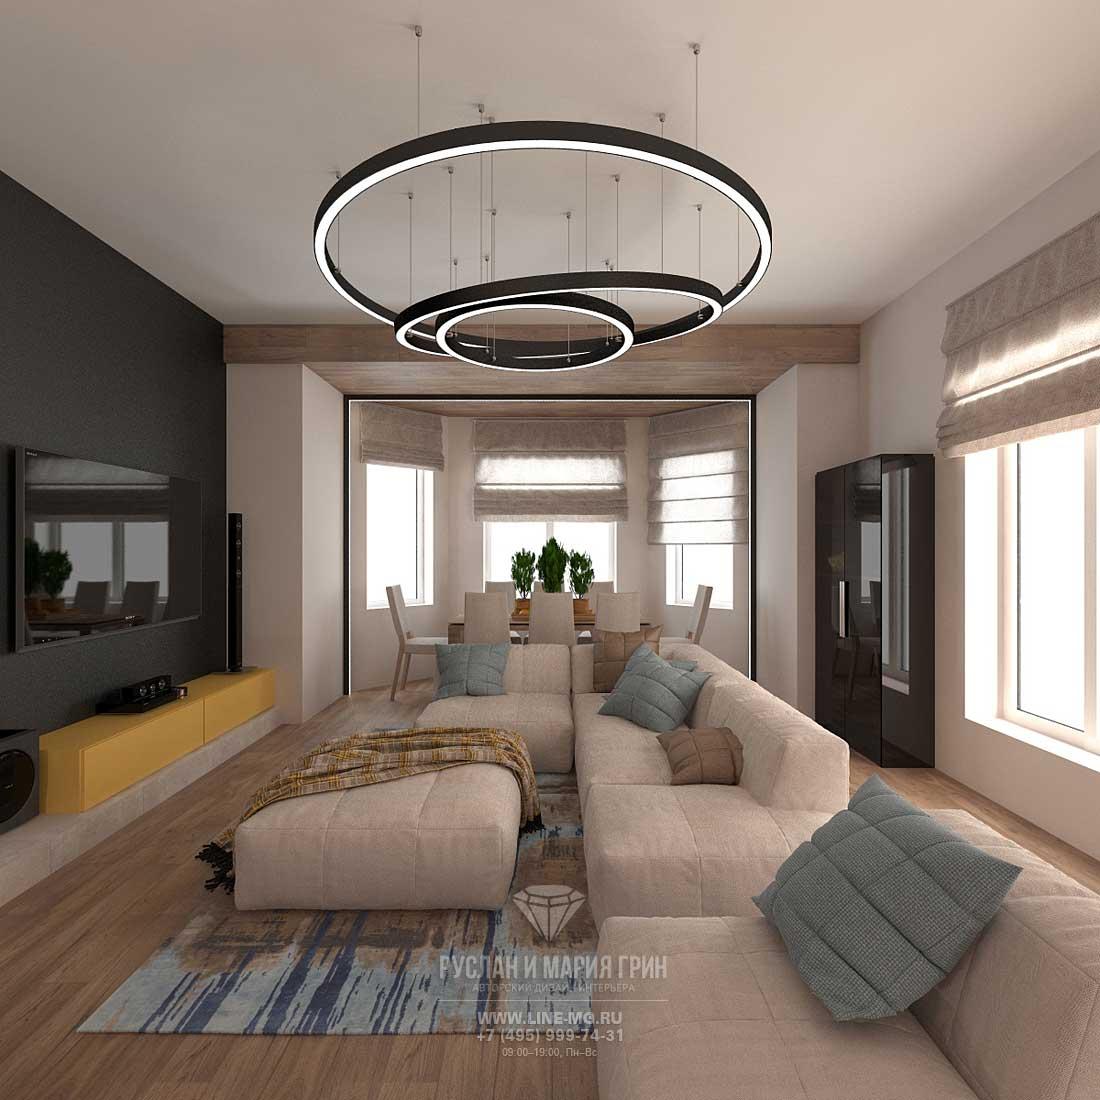 Дизайнерский ремонт квартиры под ключ в стиле лофт. Фото интерьера